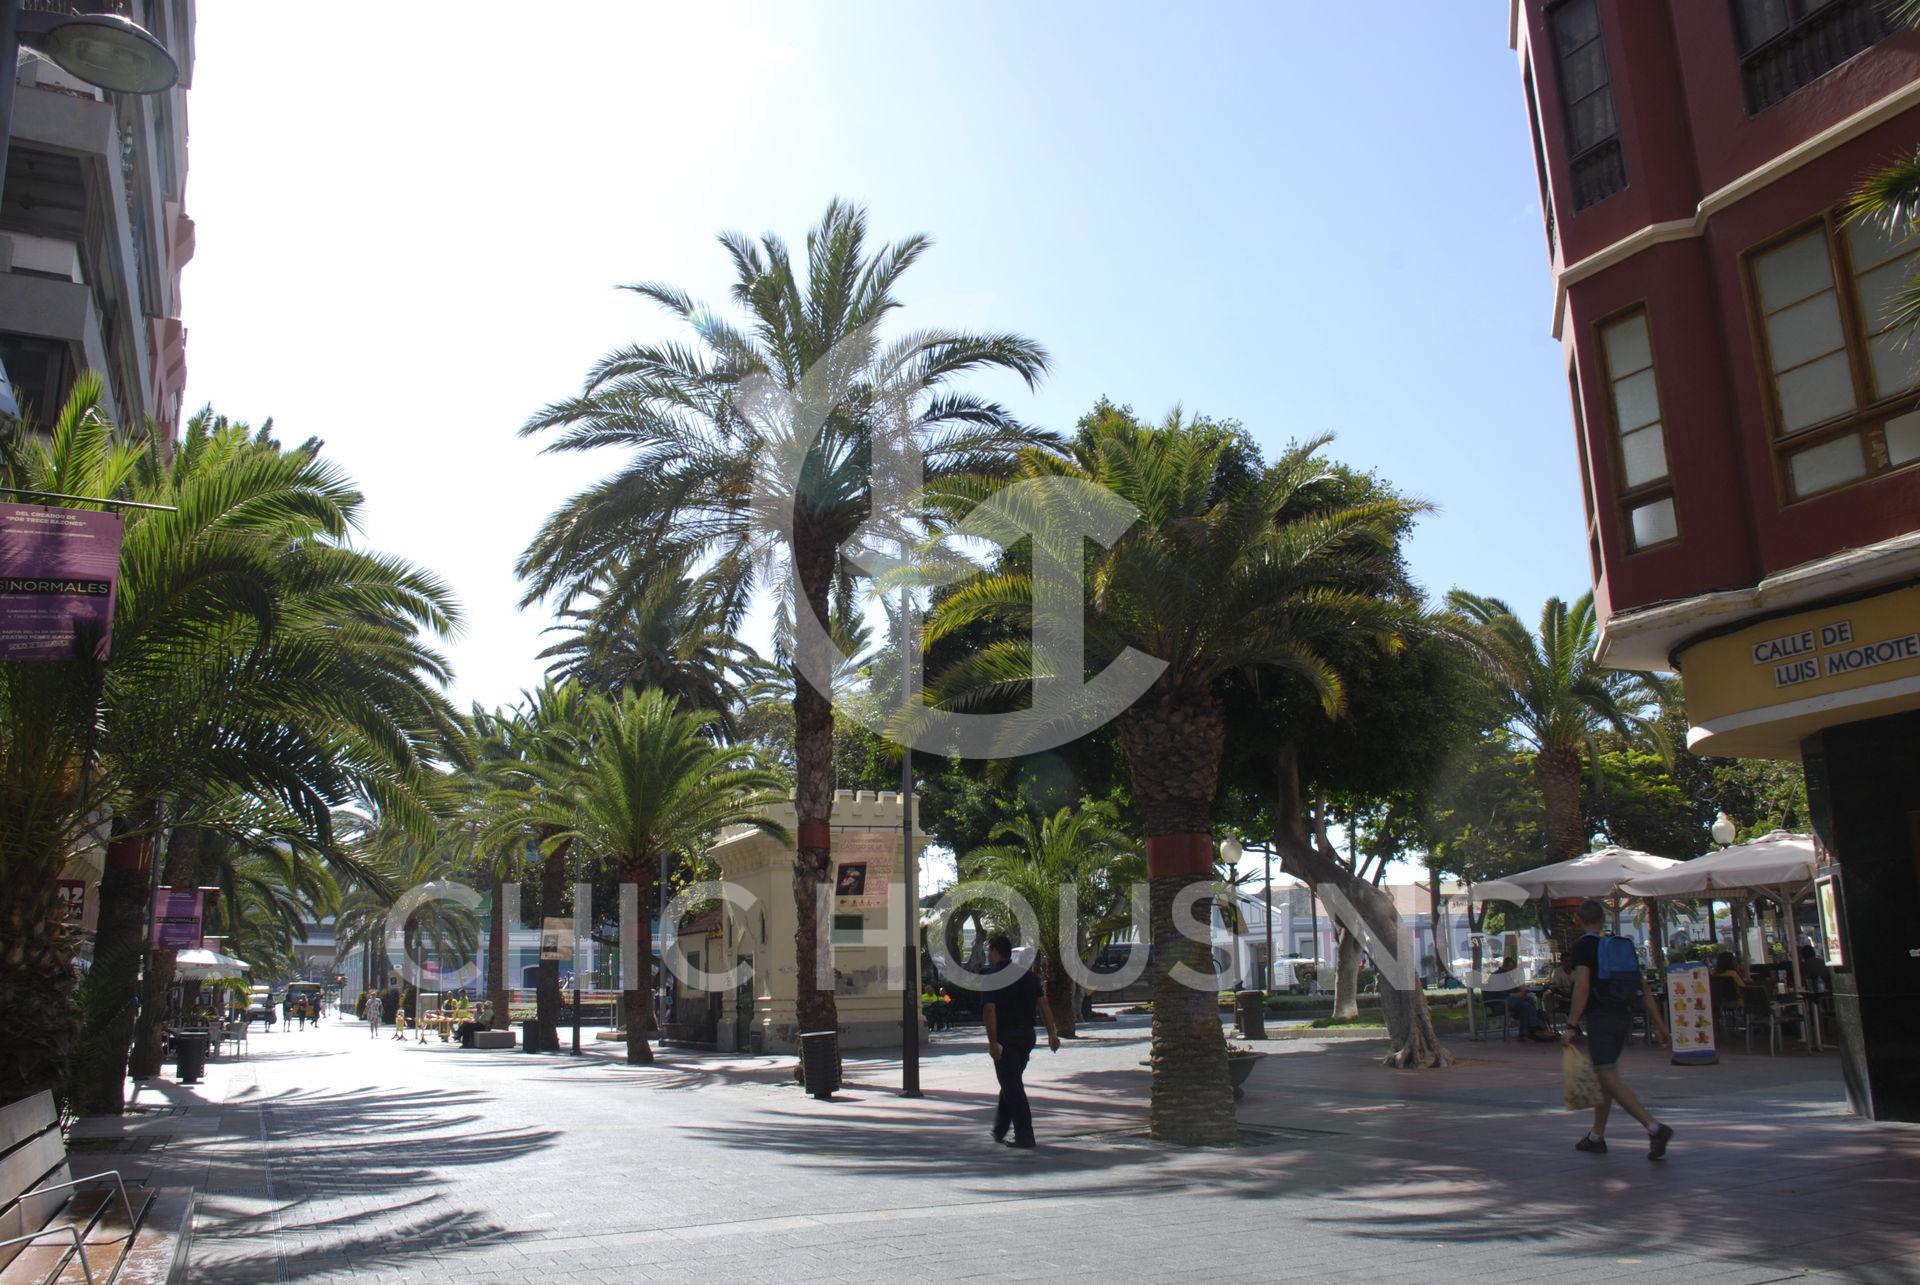 alquiler-vivienda-vacacional-las-palmas-de-gran-canaria-las-canteras-parque-santa-catalina03